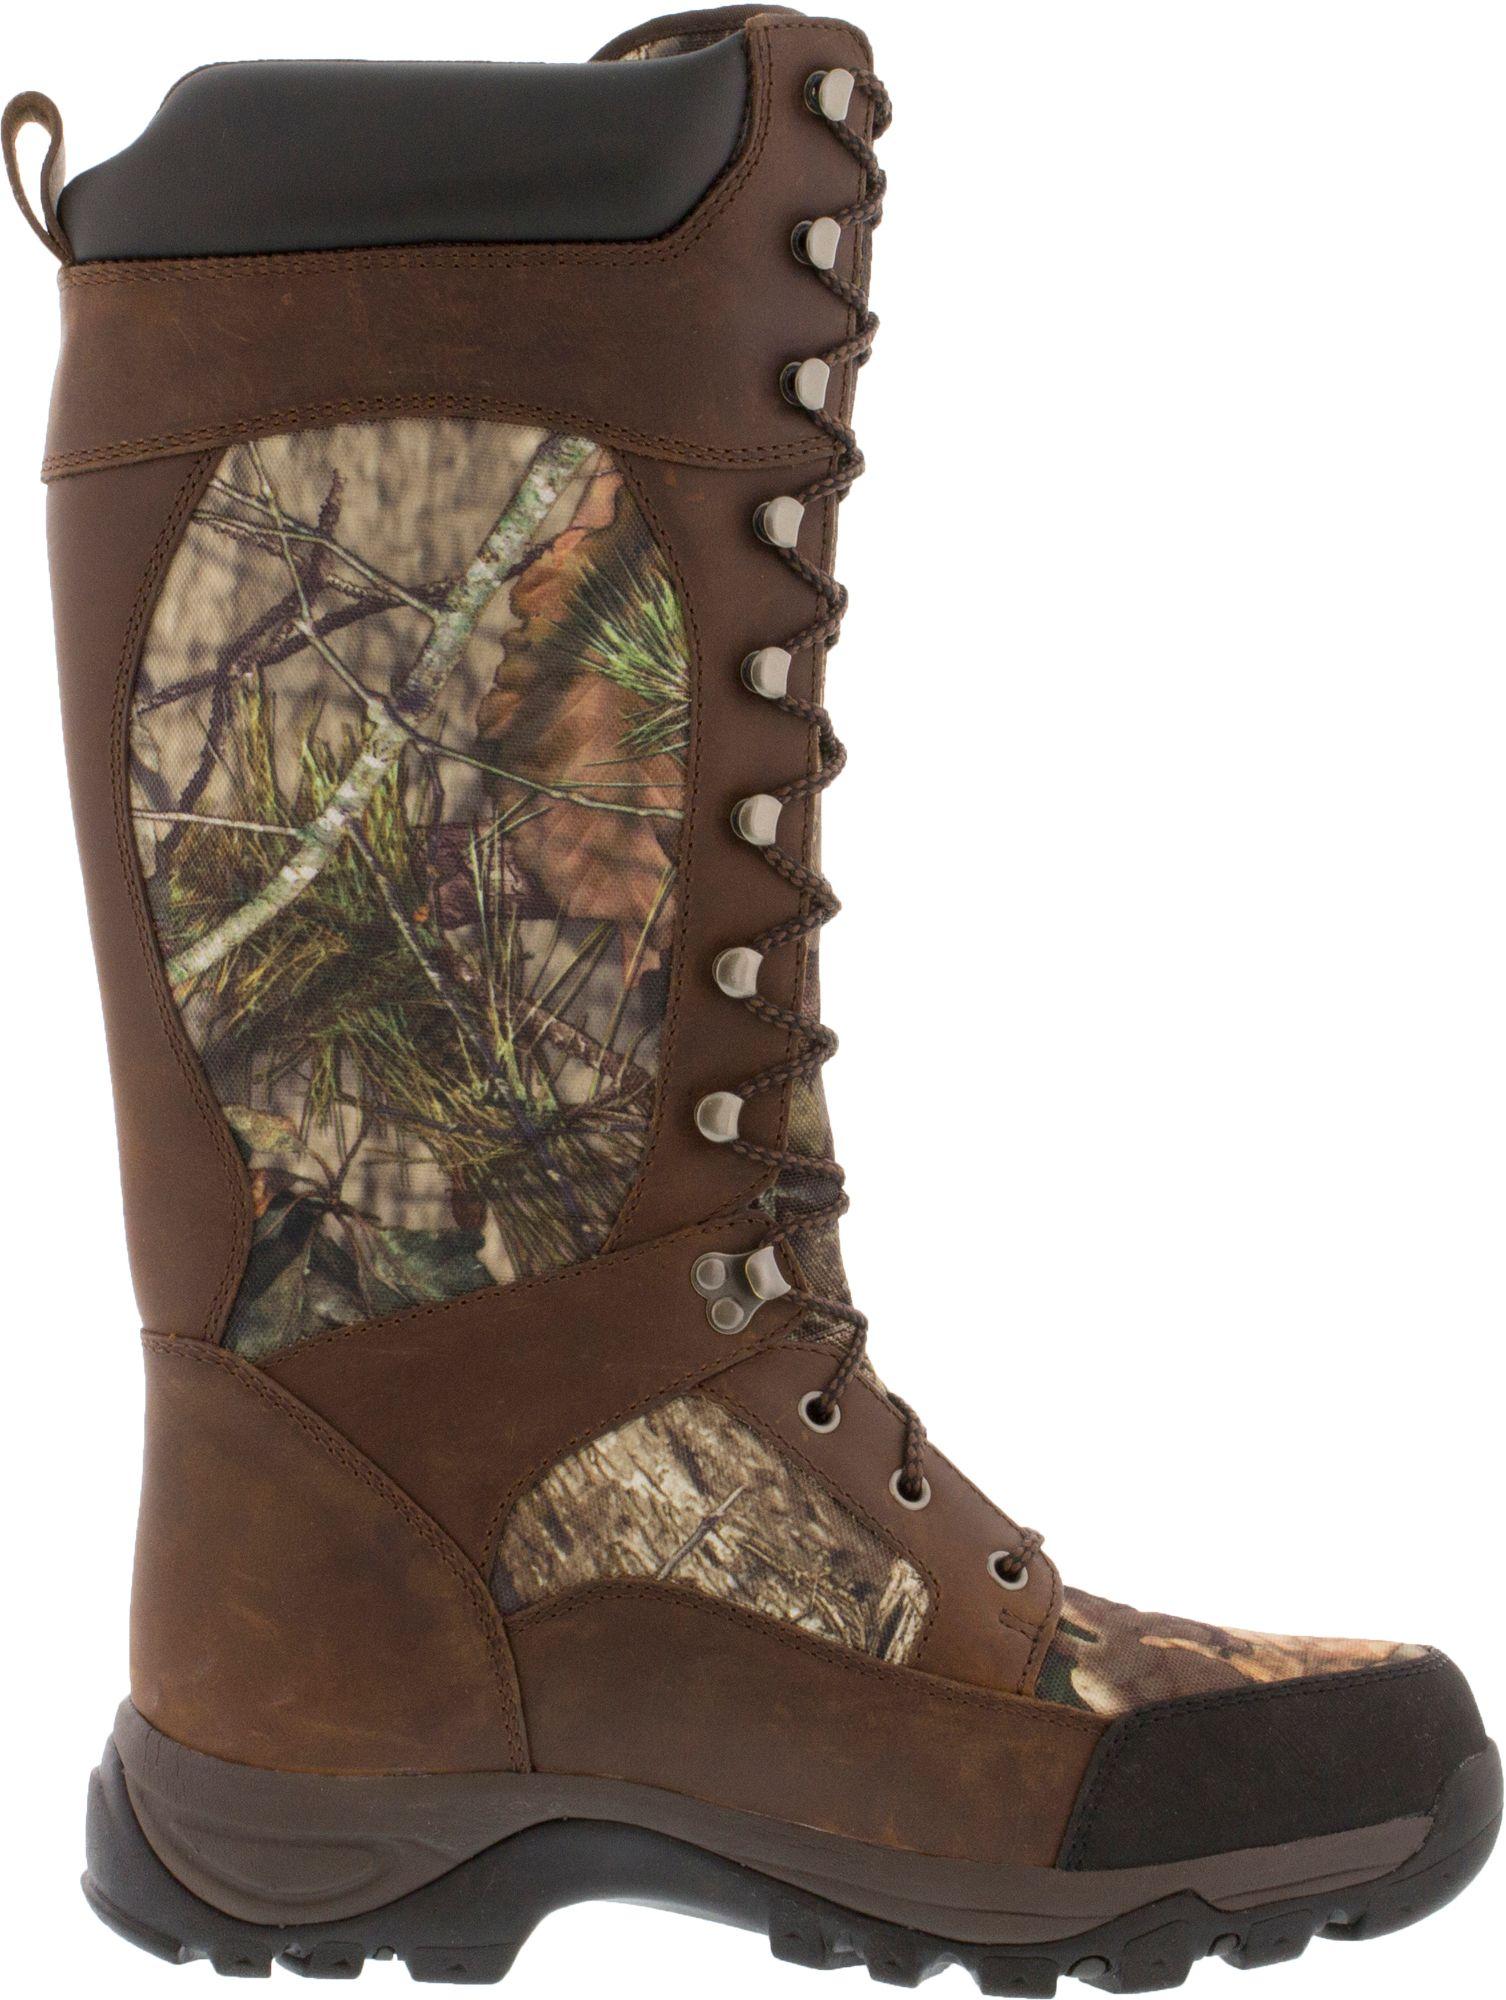 Field & Stream Men's Snake Mossy Oak Infinity Boots | DICK'S ...